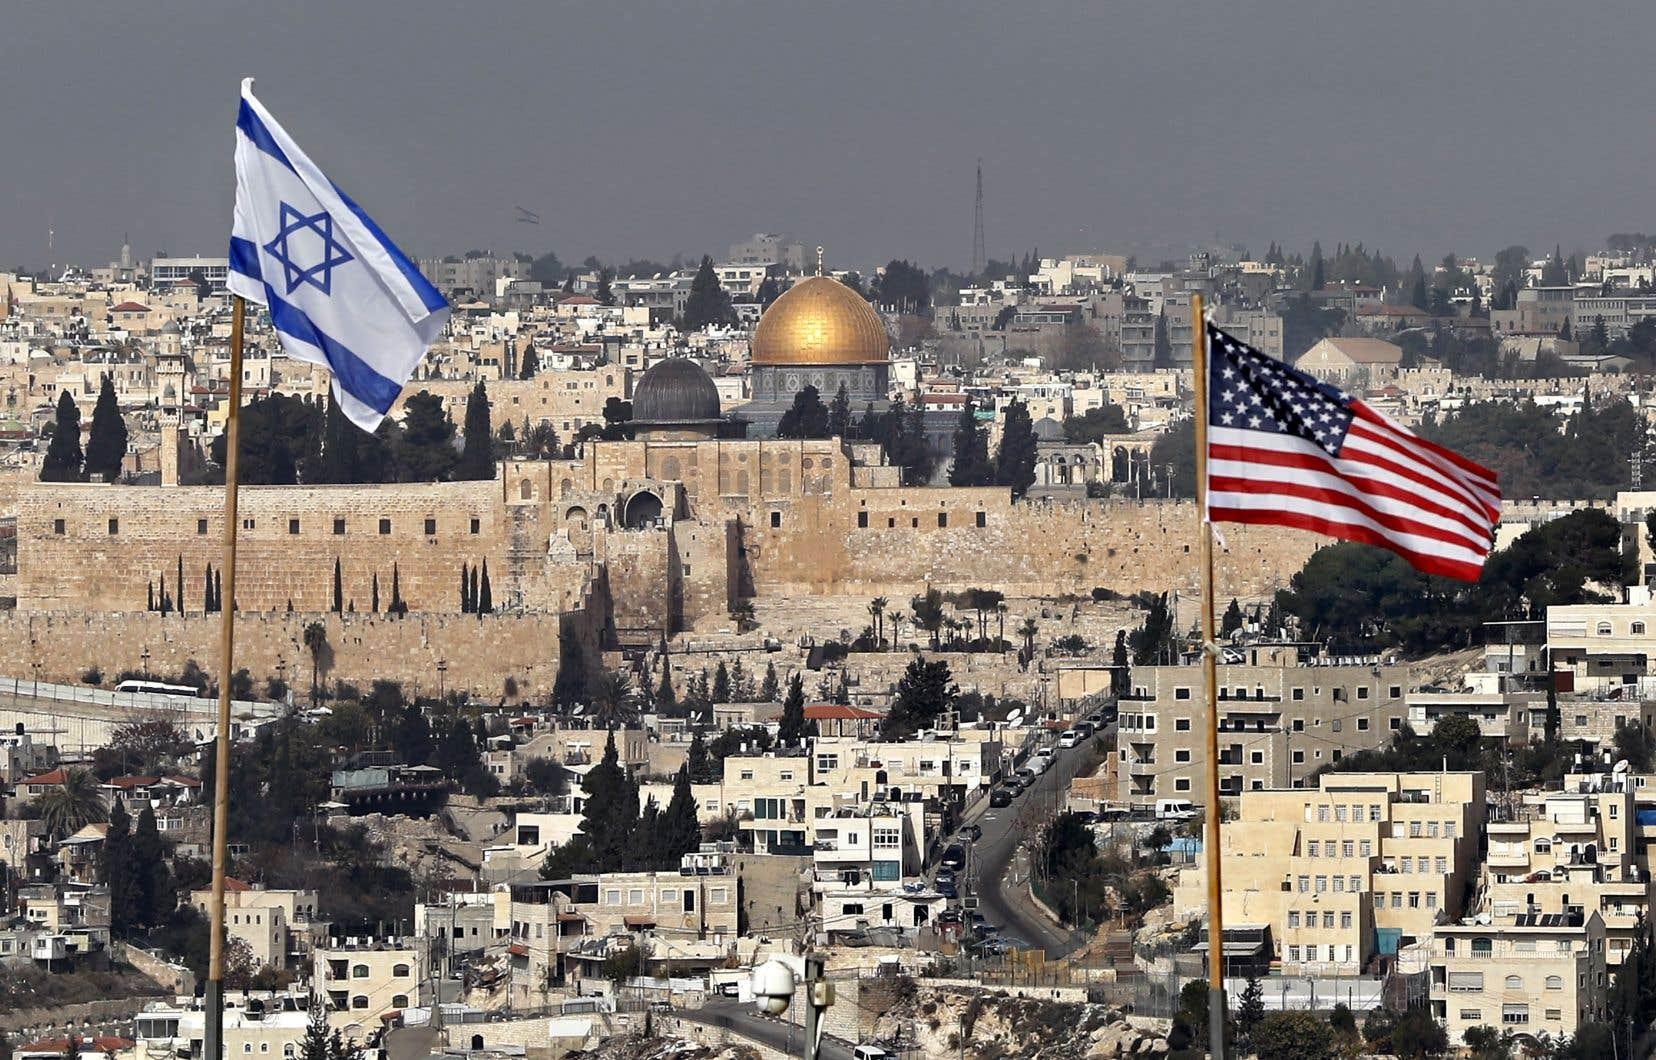 Une large majorité de pays a condamné la décision étasunienne de reconnaître Jérusalem comme capitale de l'État d'Israël.